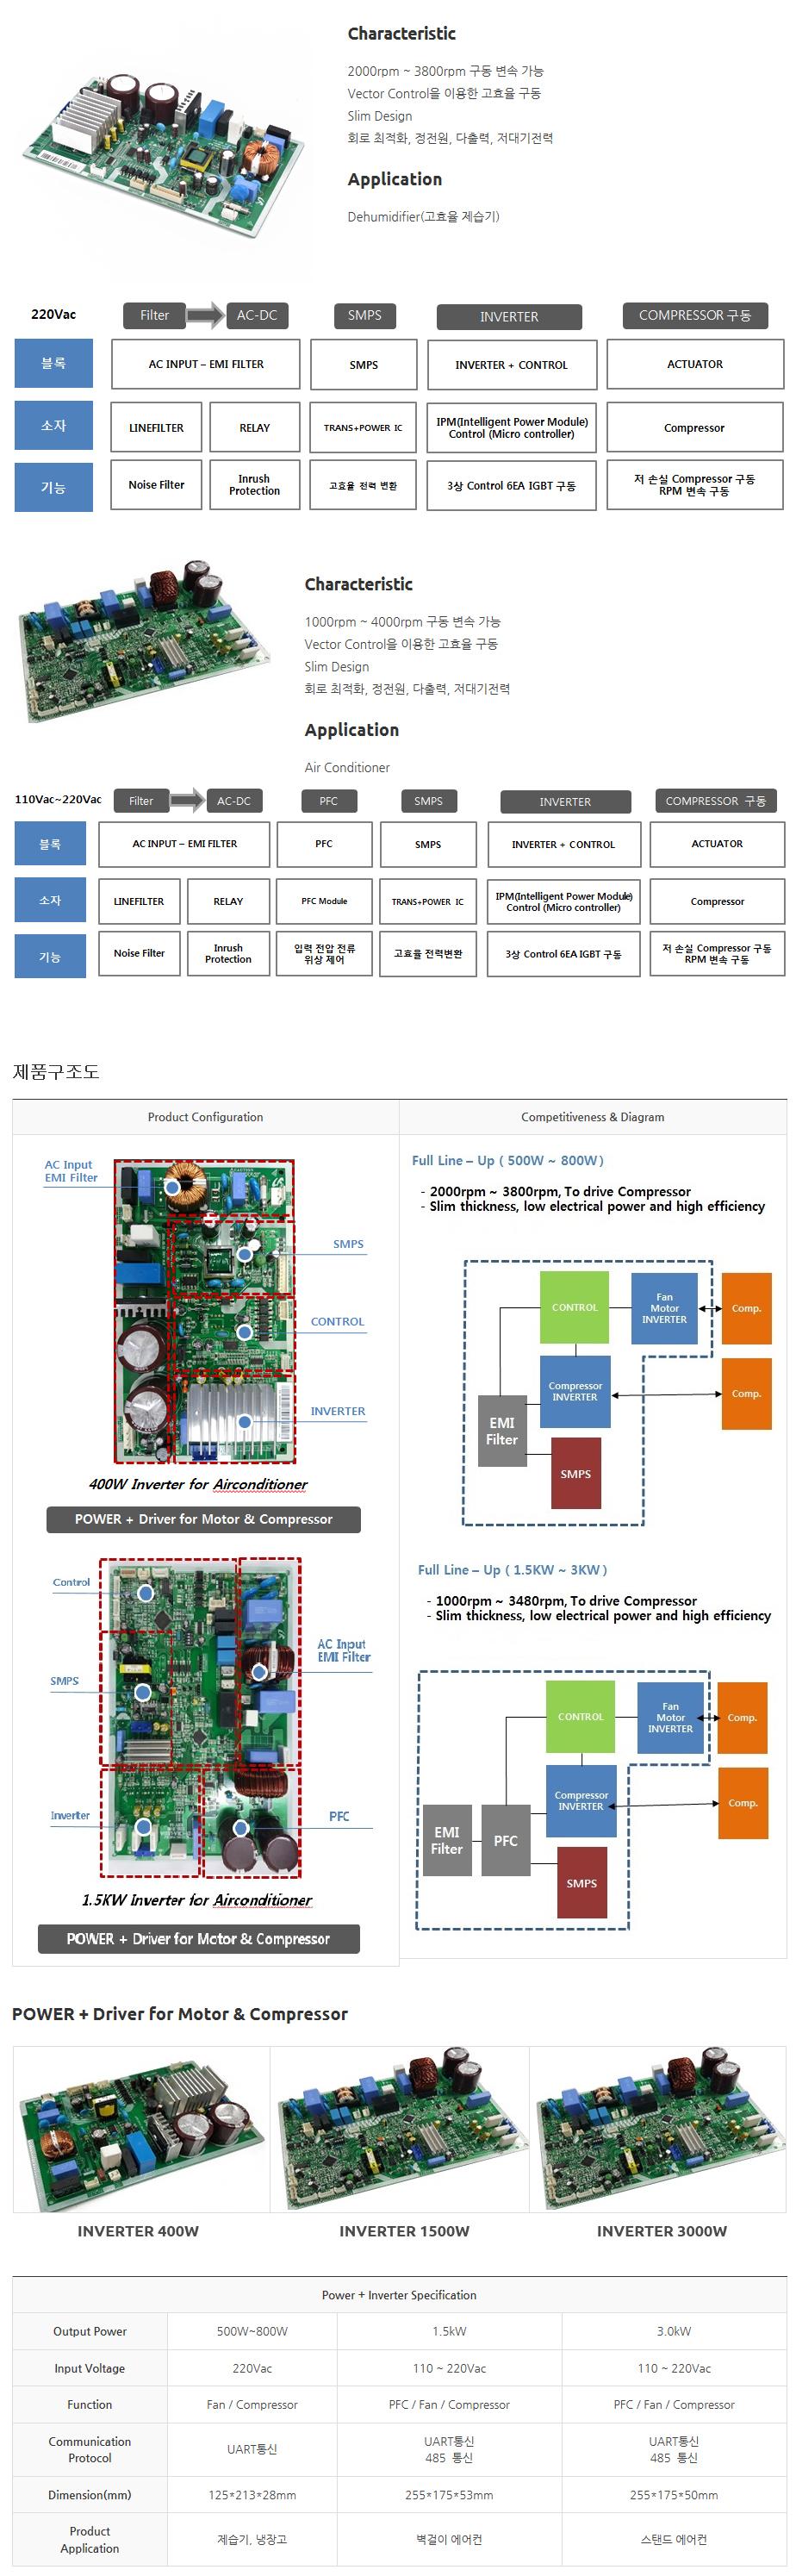 (주)동양이엔피 POWER + INVERTER For Electronics  1